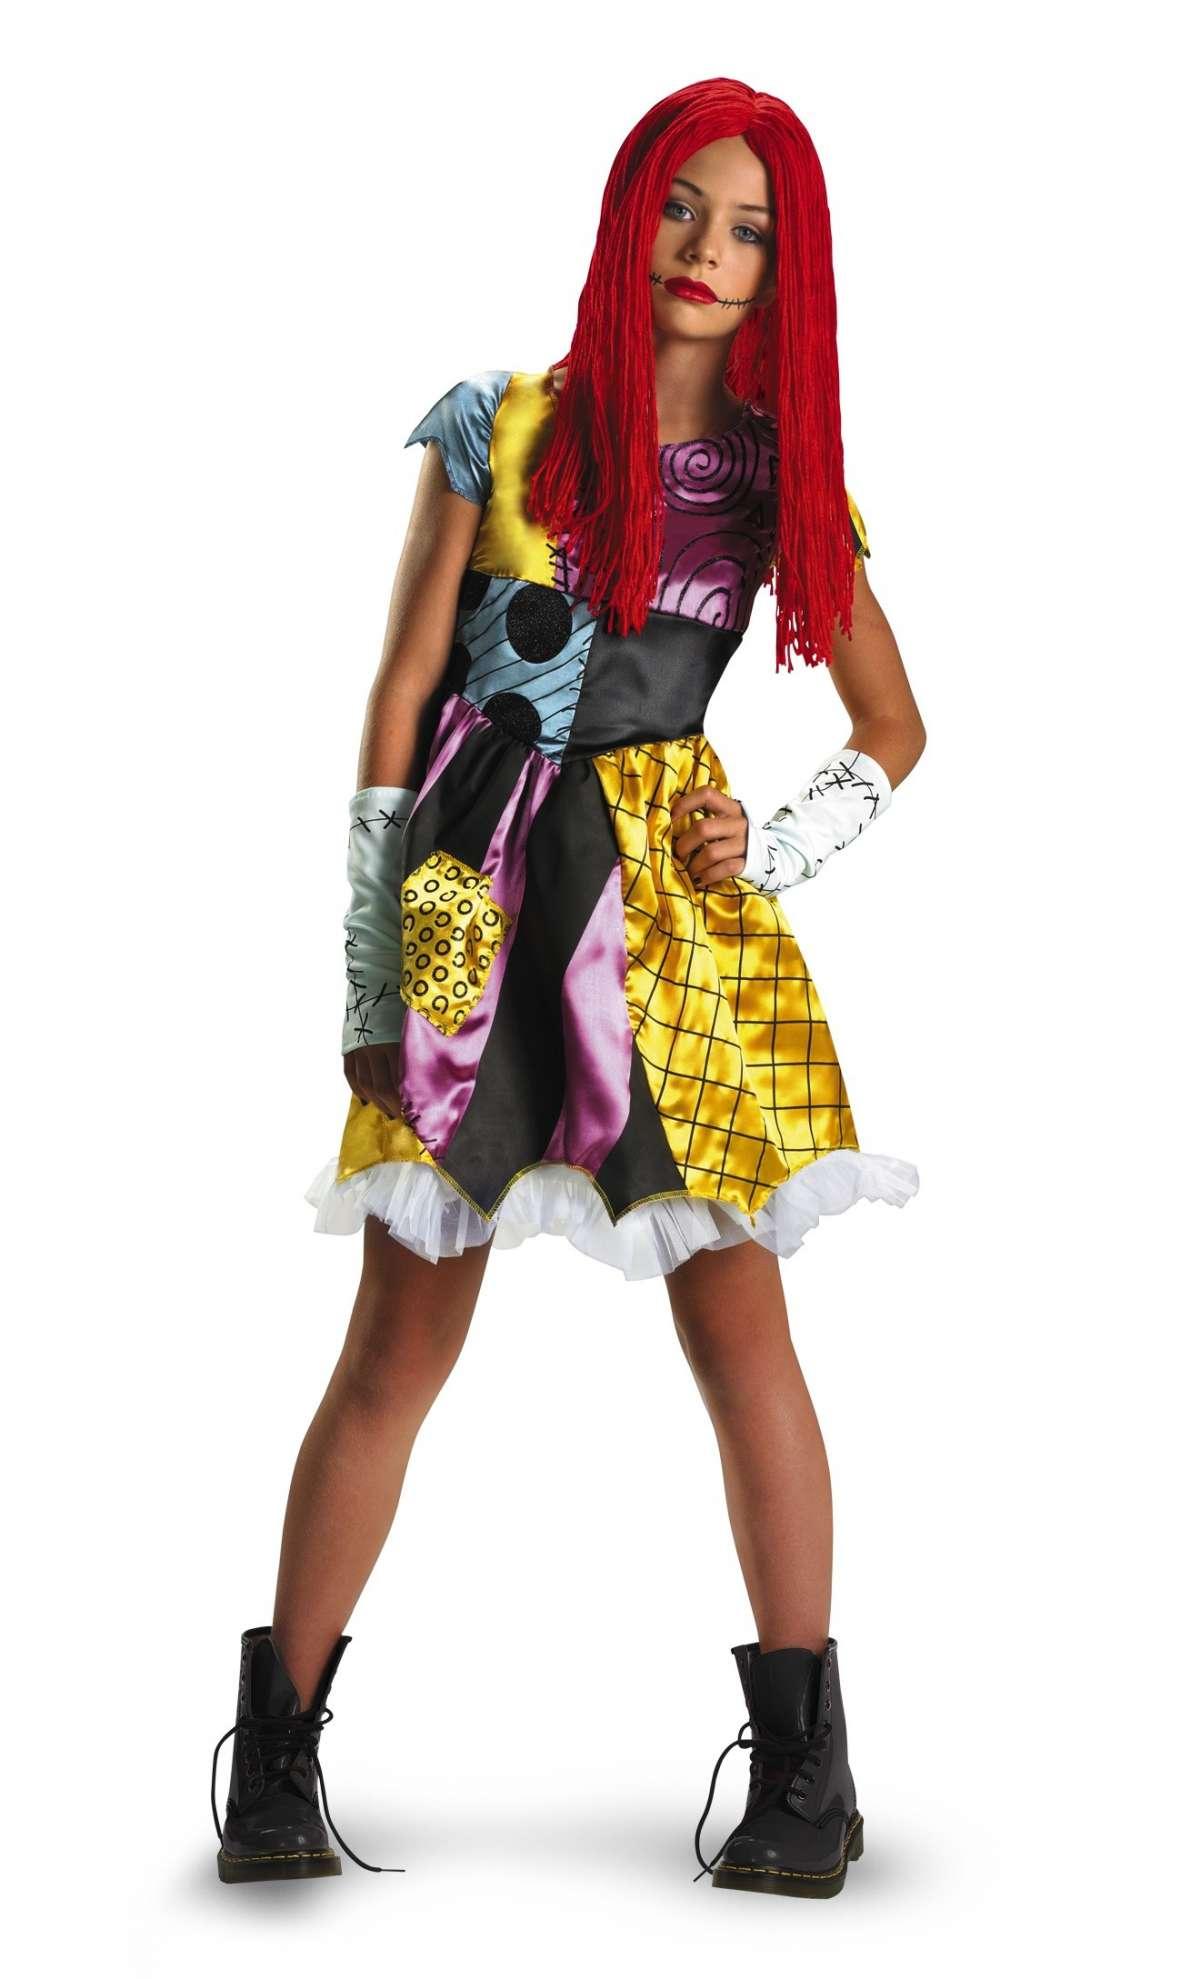 Costume ispirato al film Nightmare Before Christmas in versione rock